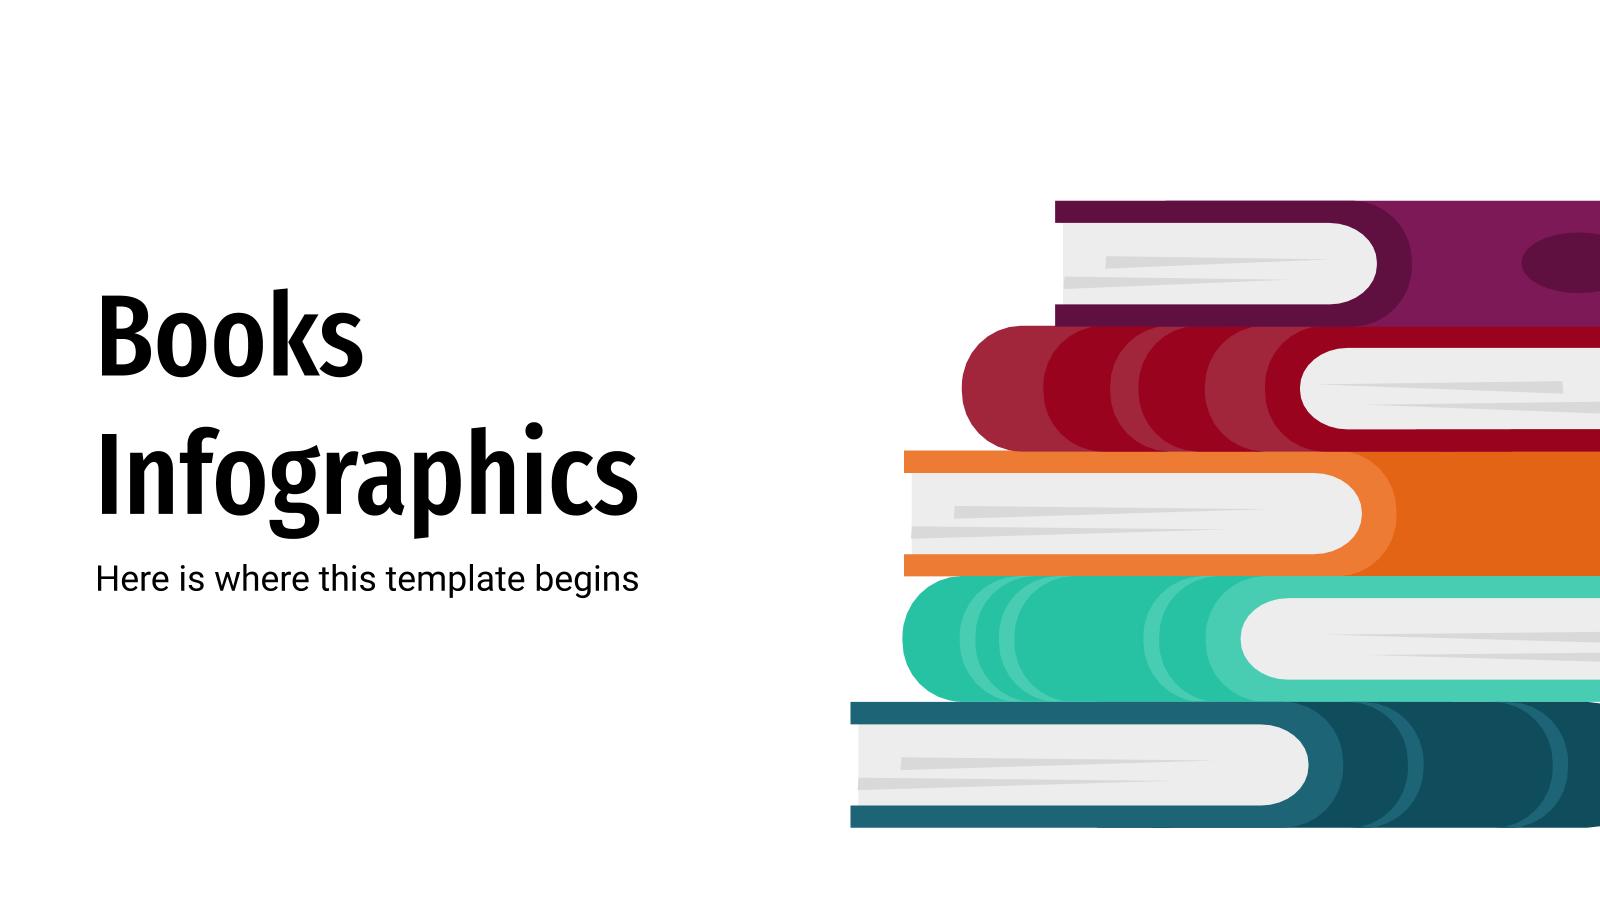 Infographies de livres : Modèles de présentation